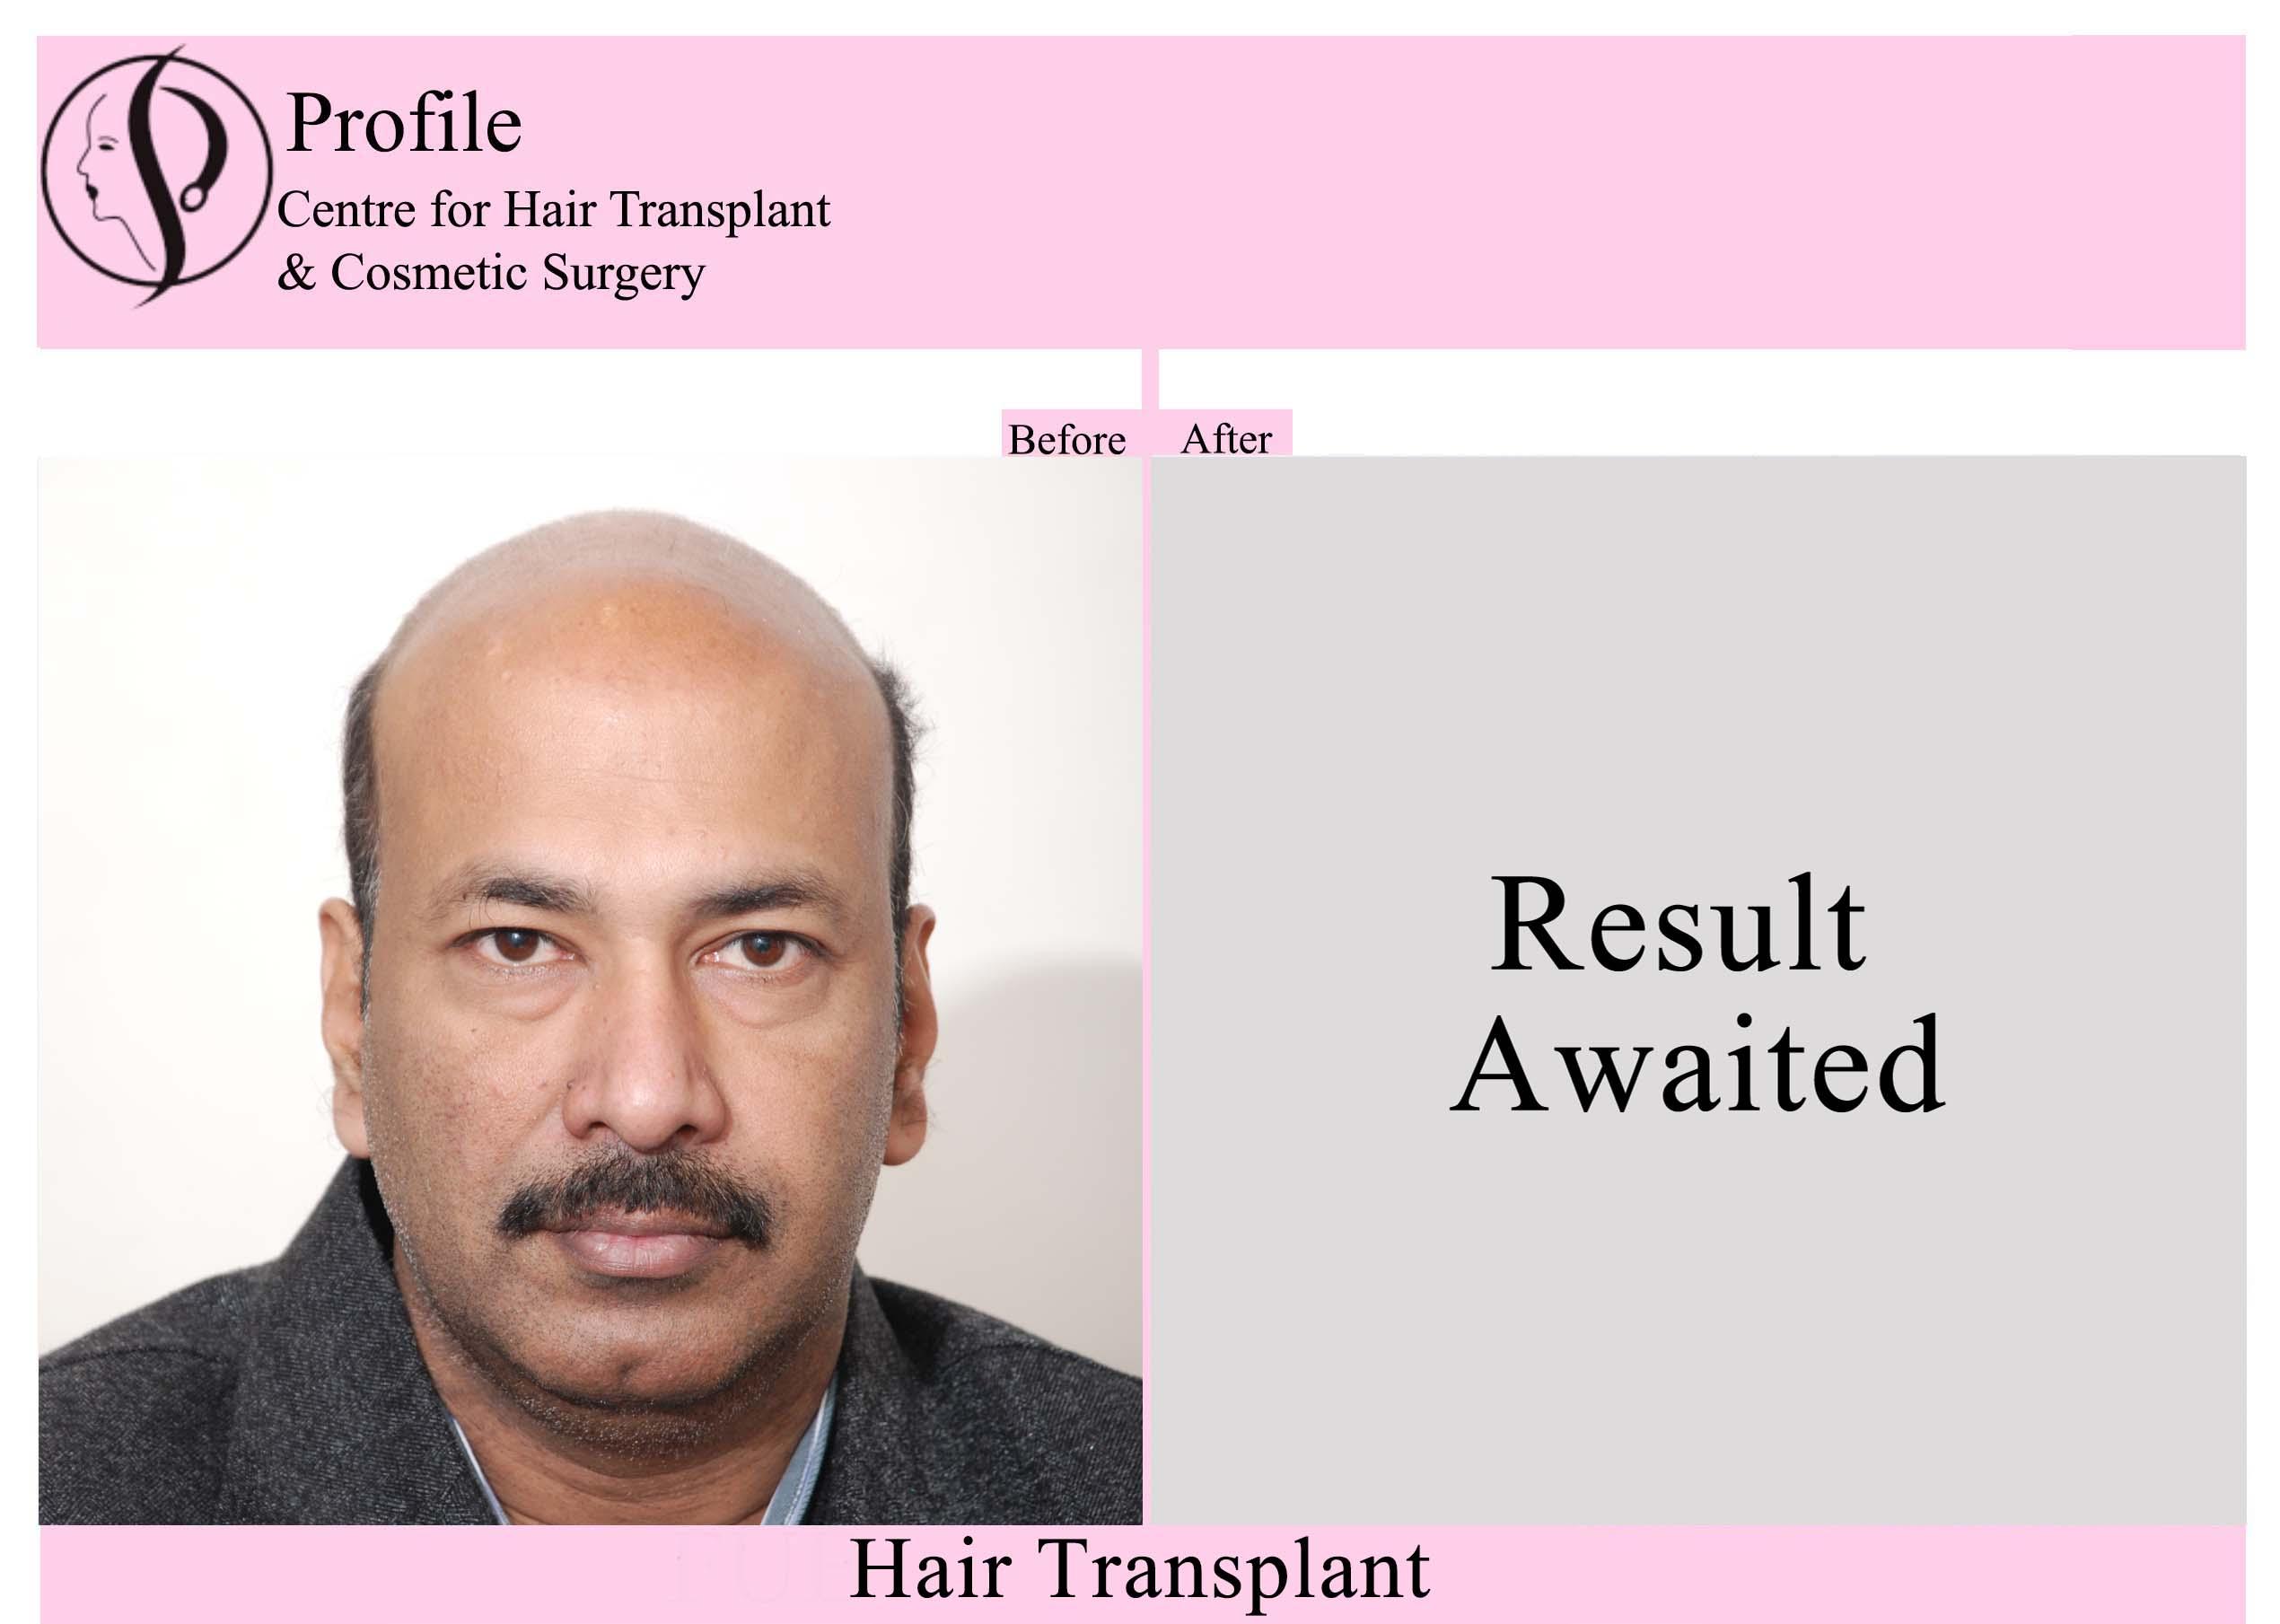 Dr. Parshotam Jindal